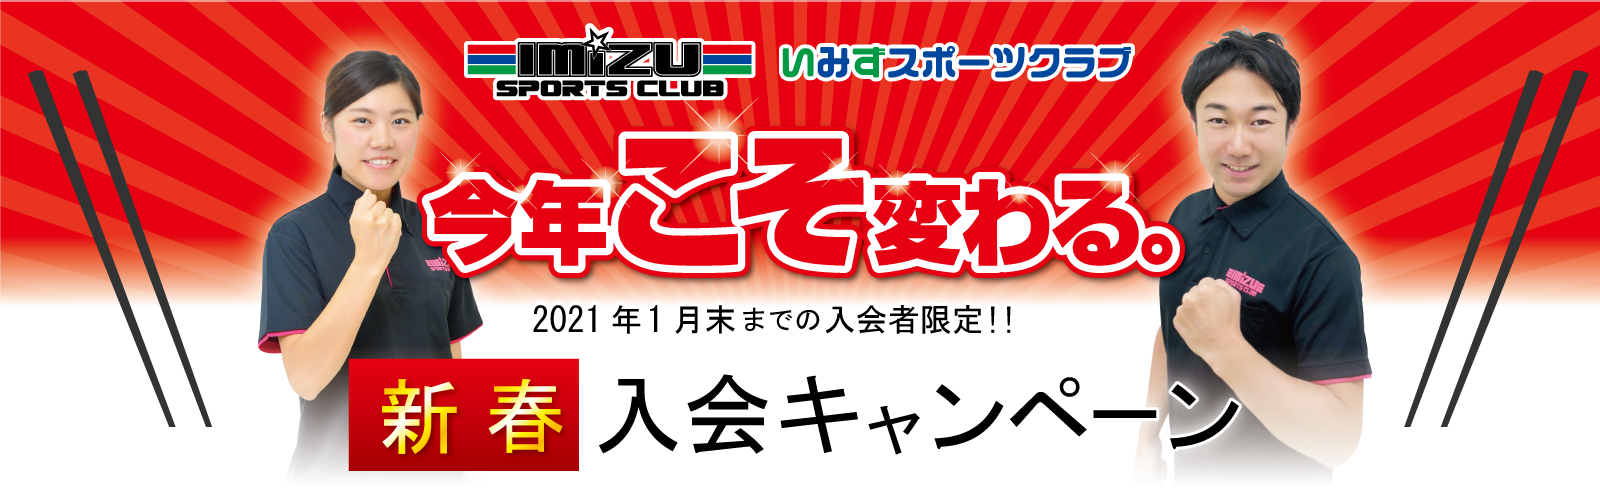 2021年新春入会キャンペーン 2021年1月末までの入会者限定